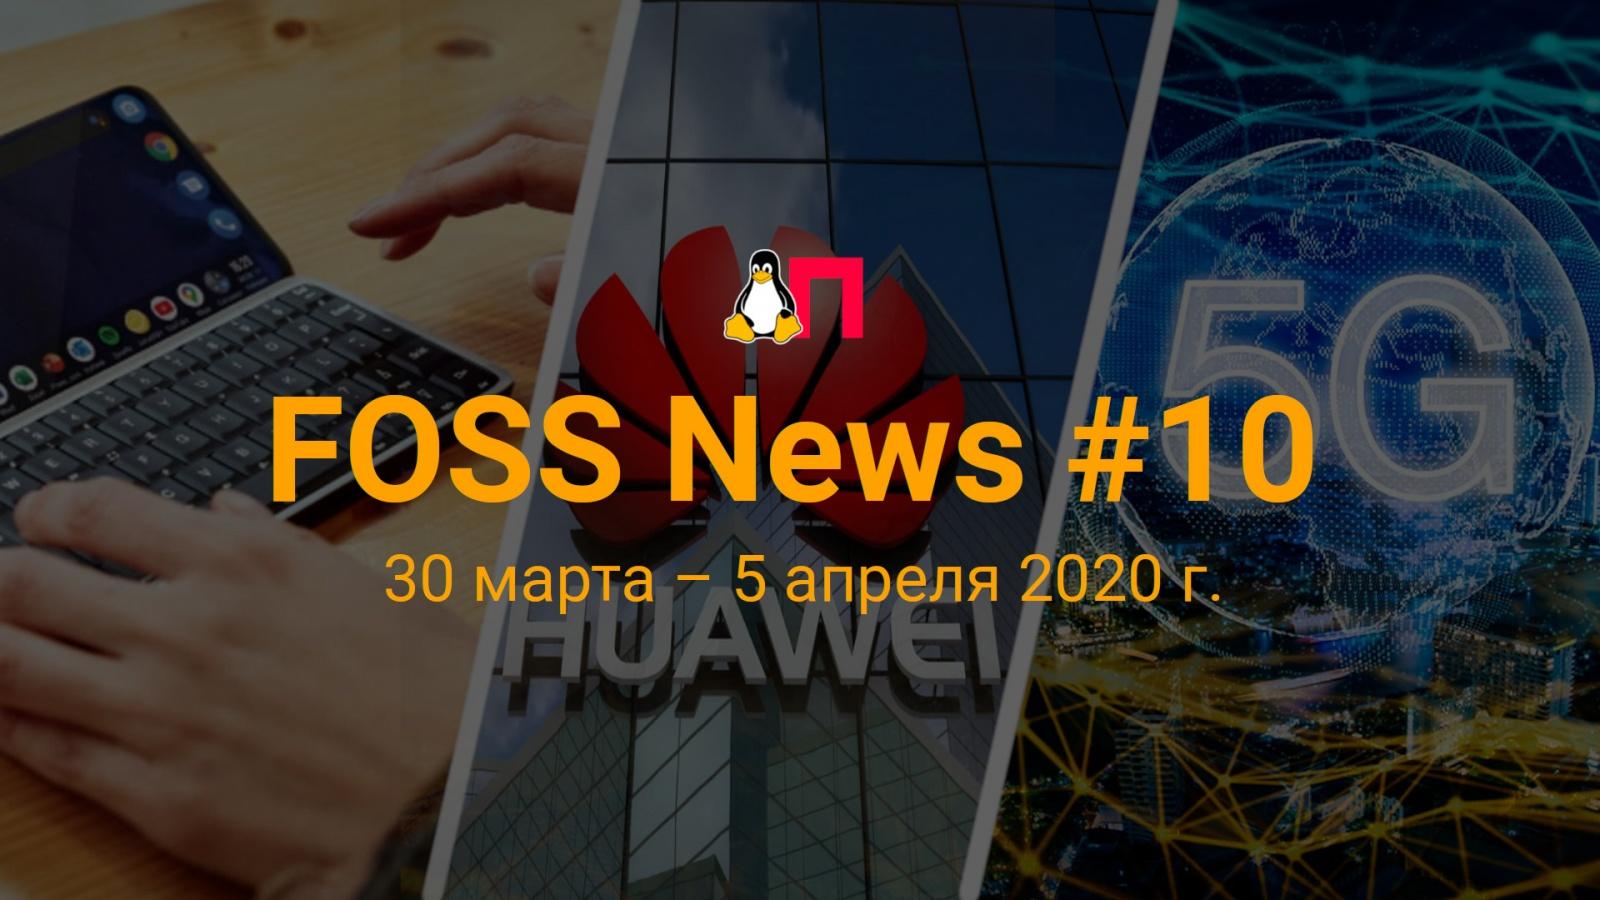 FOSS News №10 — обзор новостей свободного и открытого ПО за 30 марта — 5 апреля 2020 года - 1